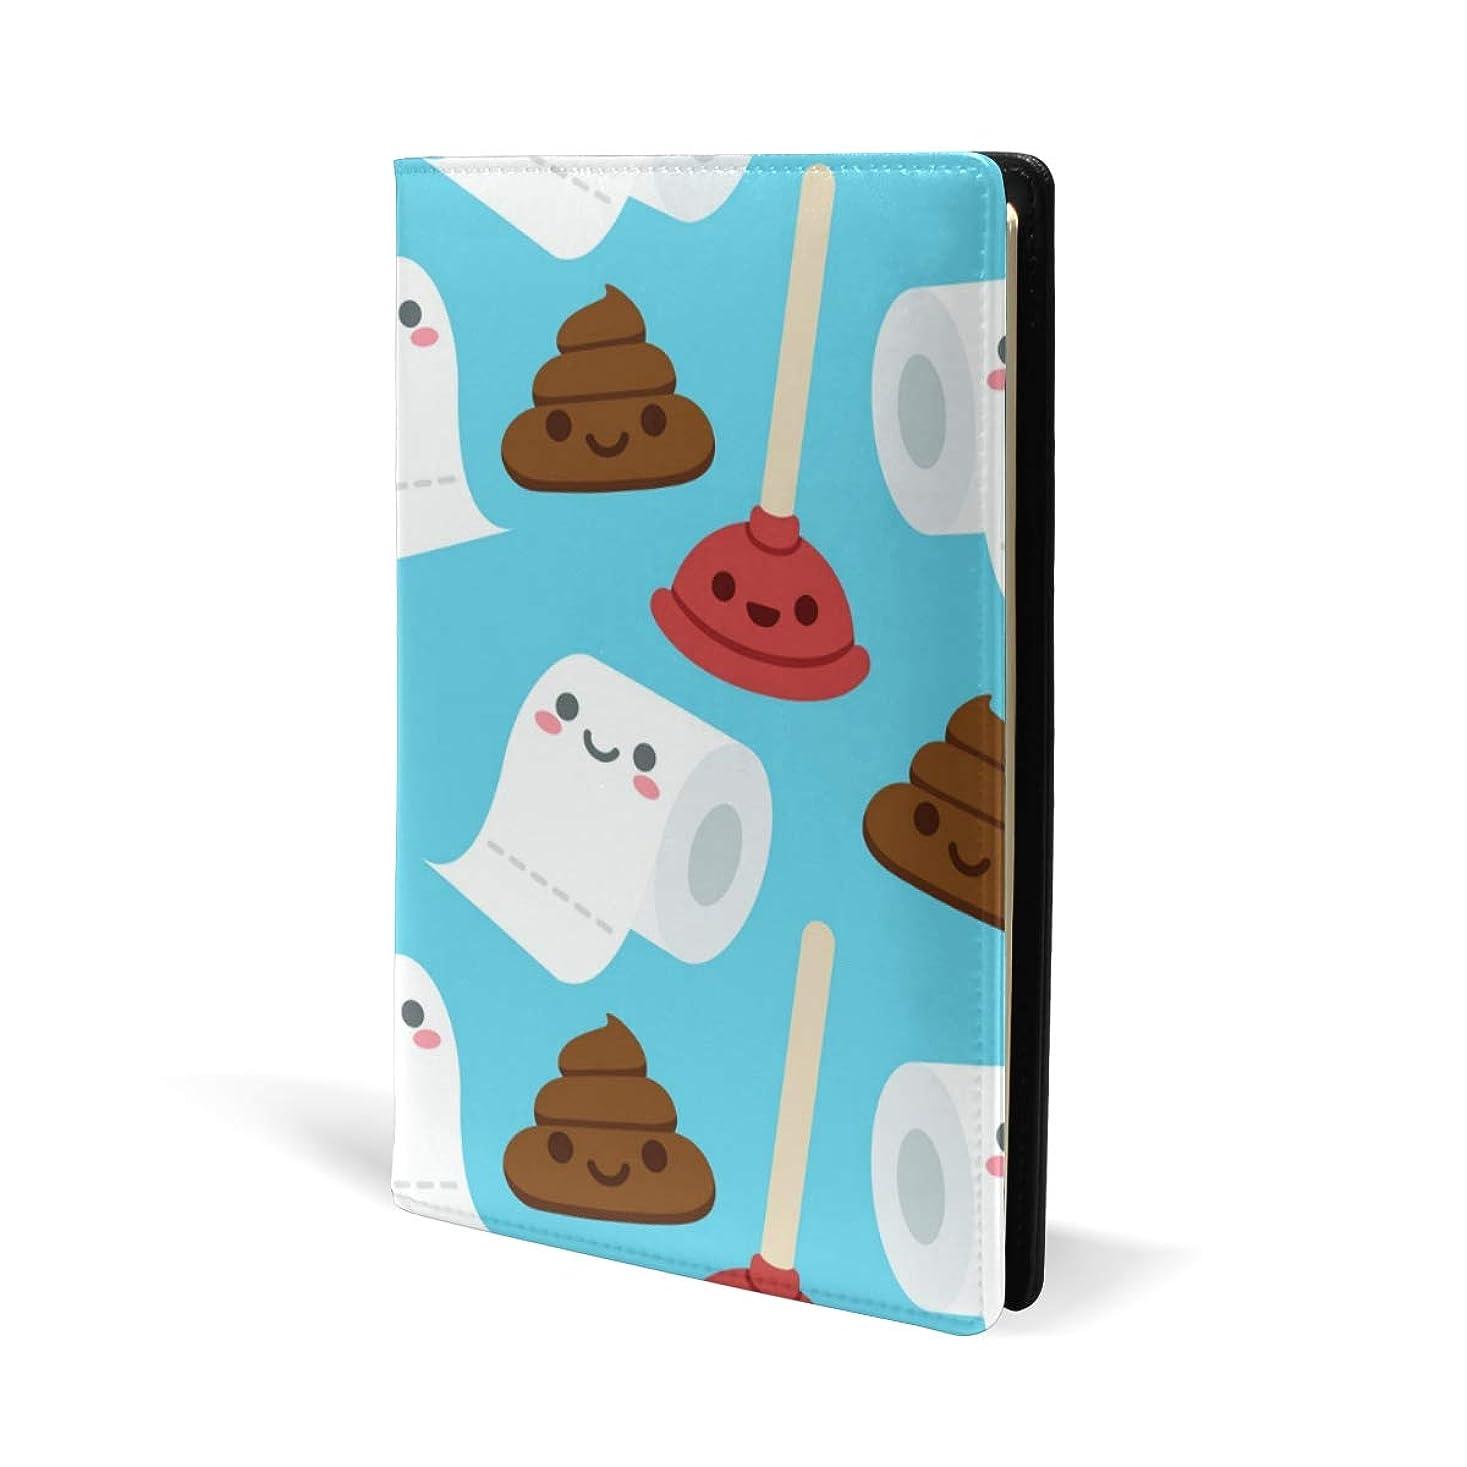 広告主批判的に色ブックカバー a5 うんこ トイレットペーパー おもしろい 文庫 PUレザー ファイル オフィス用品 読書 文庫判 資料 日記 収納入れ 高級感 耐久性 雑貨 プレゼント 機能性 耐久性 軽量